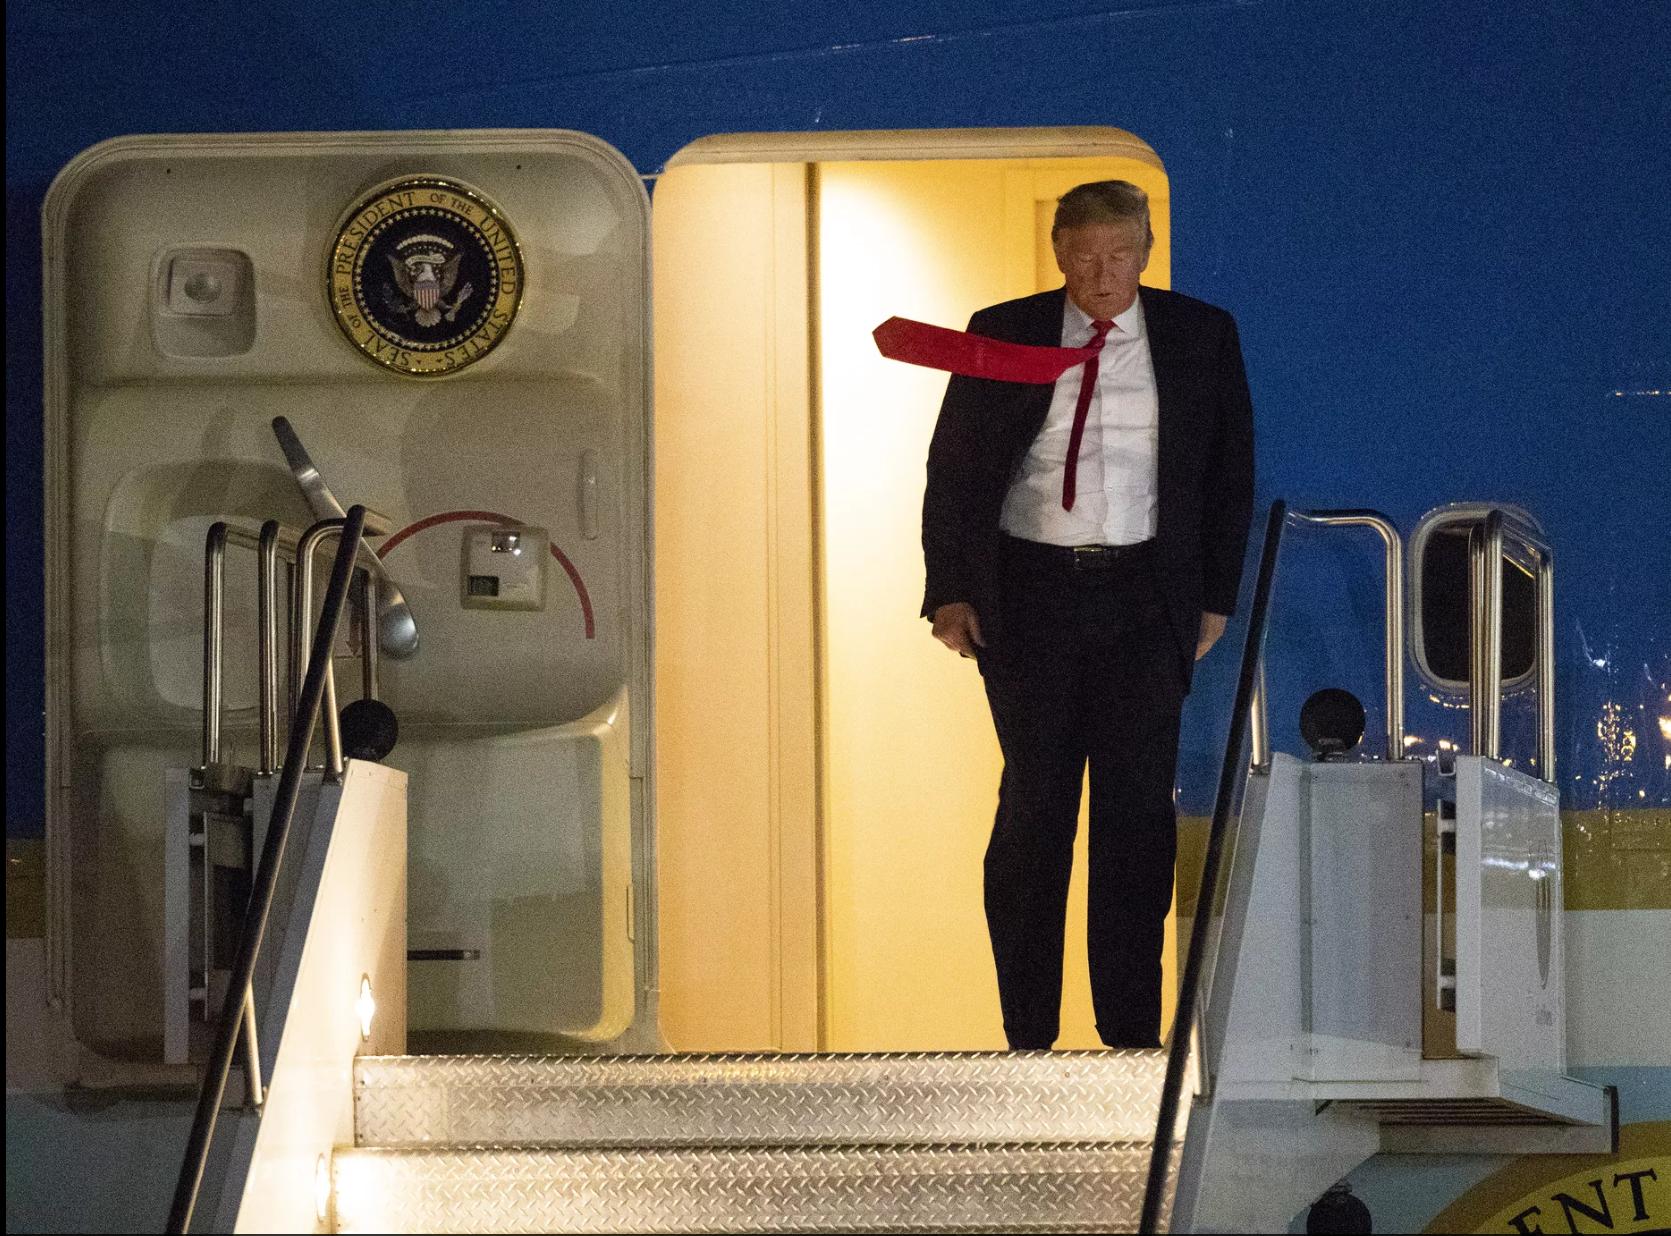 A bordo del avión presidencial 'Air Force One', el presidente Donald Trump aterrizó la noche del jueves 18 de octubre, 2018, en Phoenix, para atender al día siguiente una serie de actividades que culminarán en un mitin en la ciudad de Mesa, Arizona